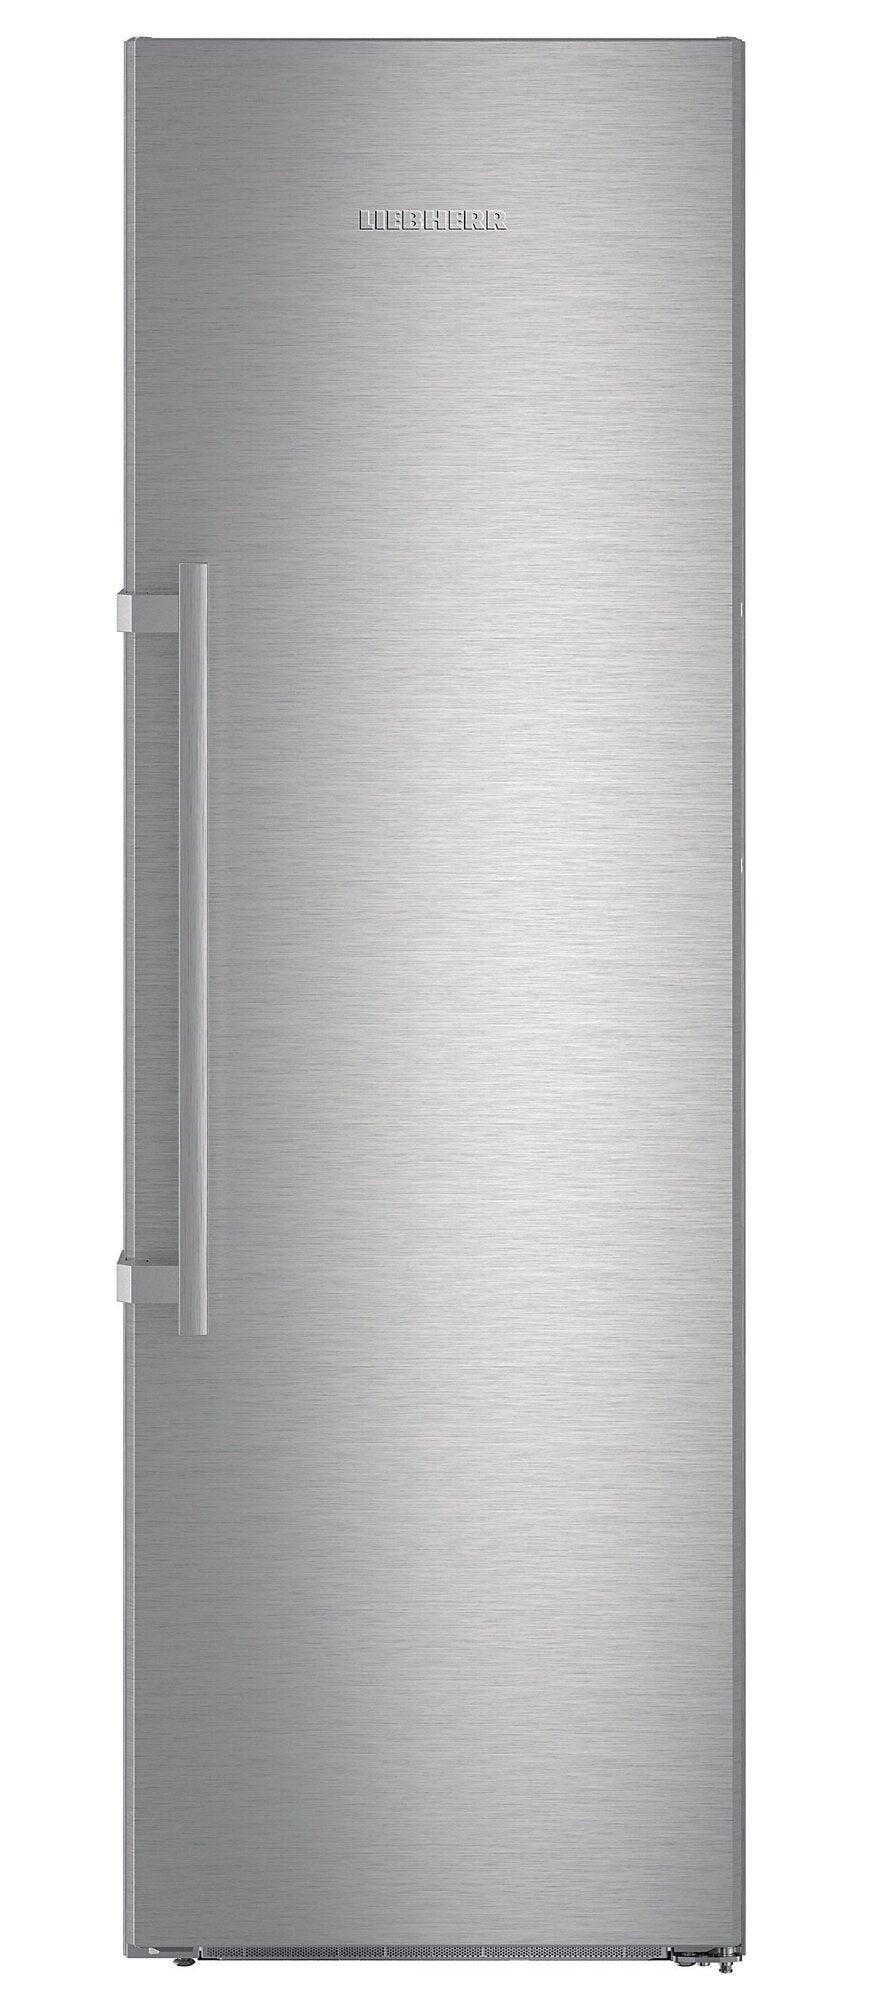 Liebherr SKBES4350RH Refrigerator